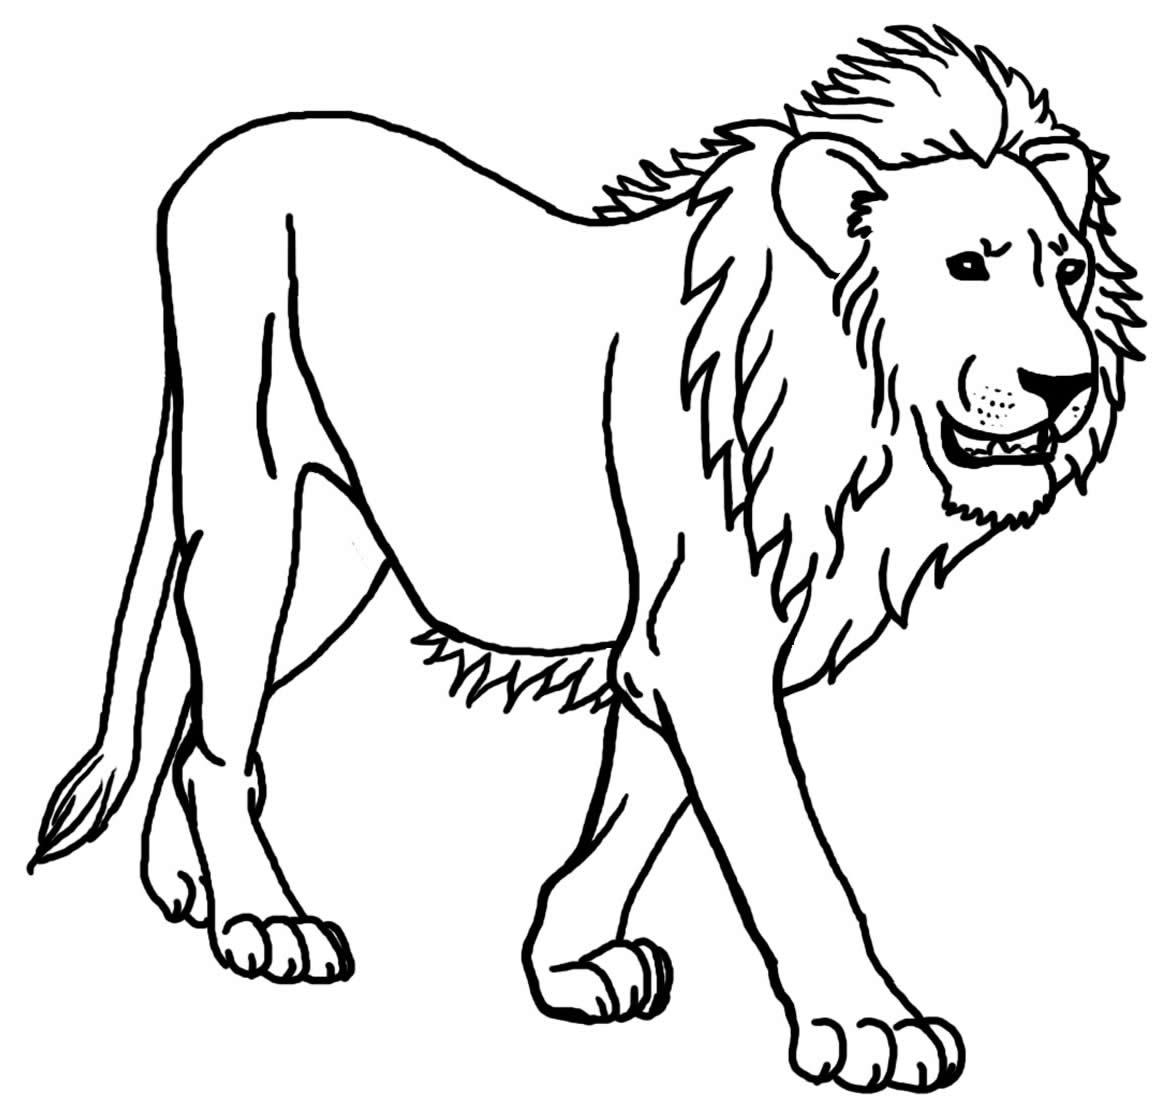 Molde de leão para colorir